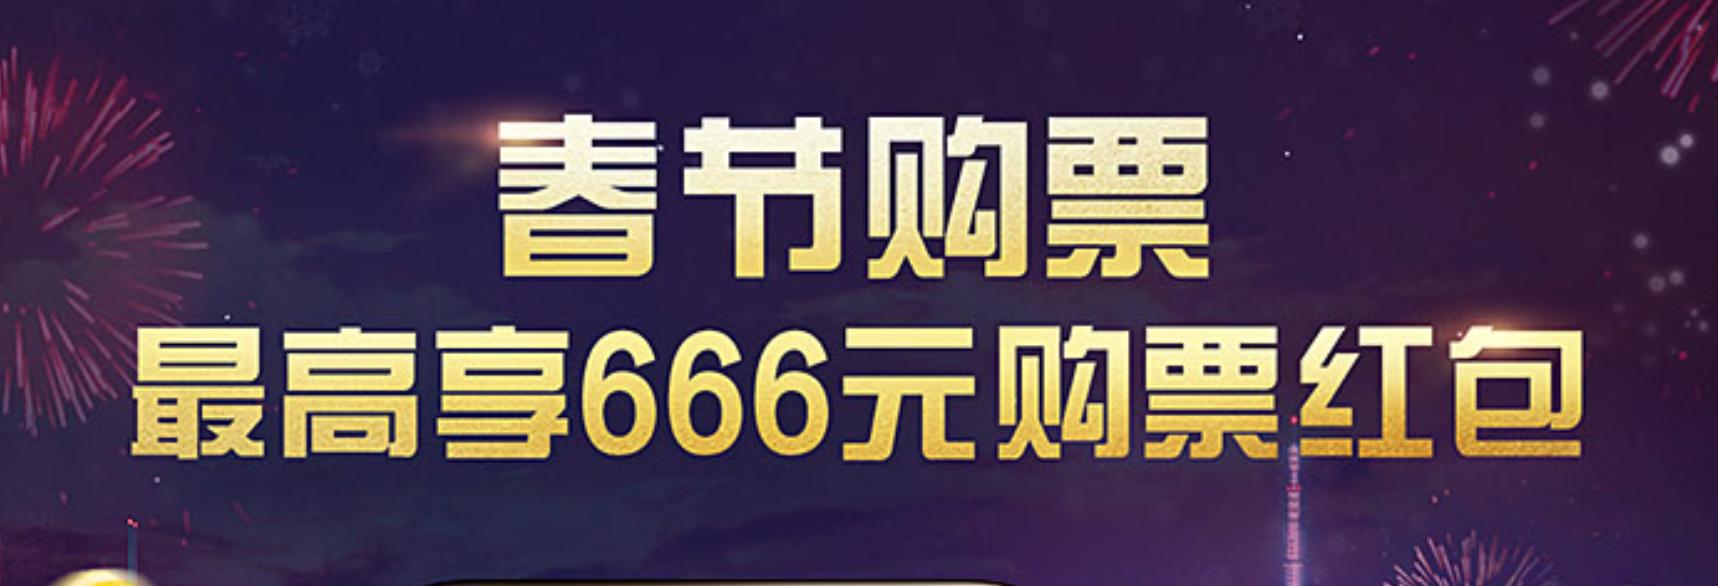 29Y}$T]9(93VLKYXE{)2TDR.png